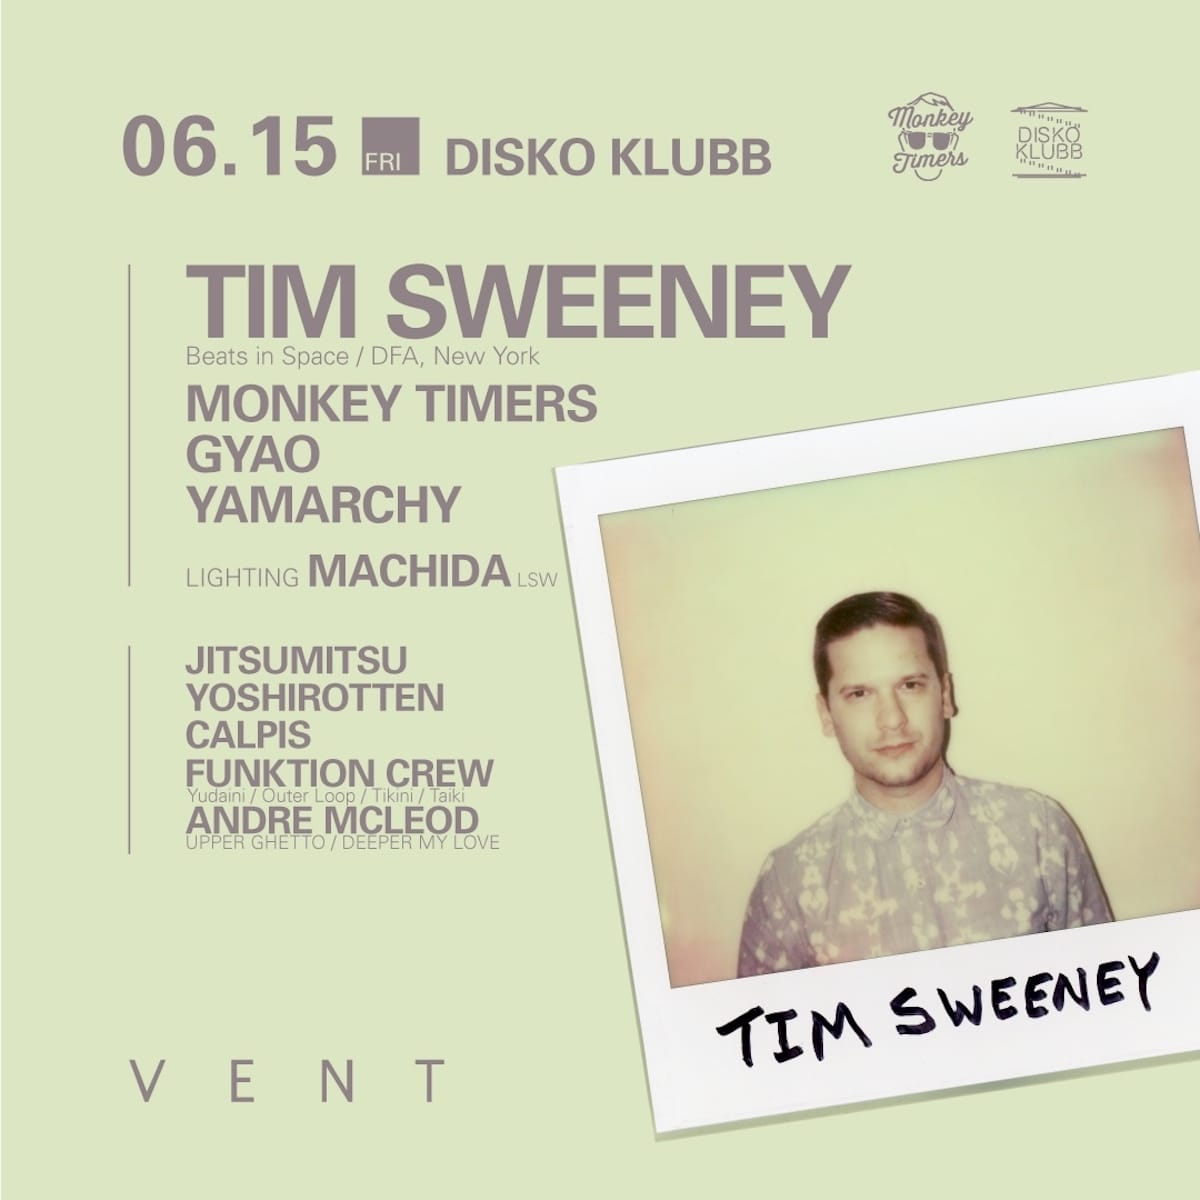 超大物ゲストが登場するNY人気ラジオの首謀者にして、DFA所属世界屈指のセレクターTim SweeneyがVENTに登場 music180606_timsweeney-3-1200x1200